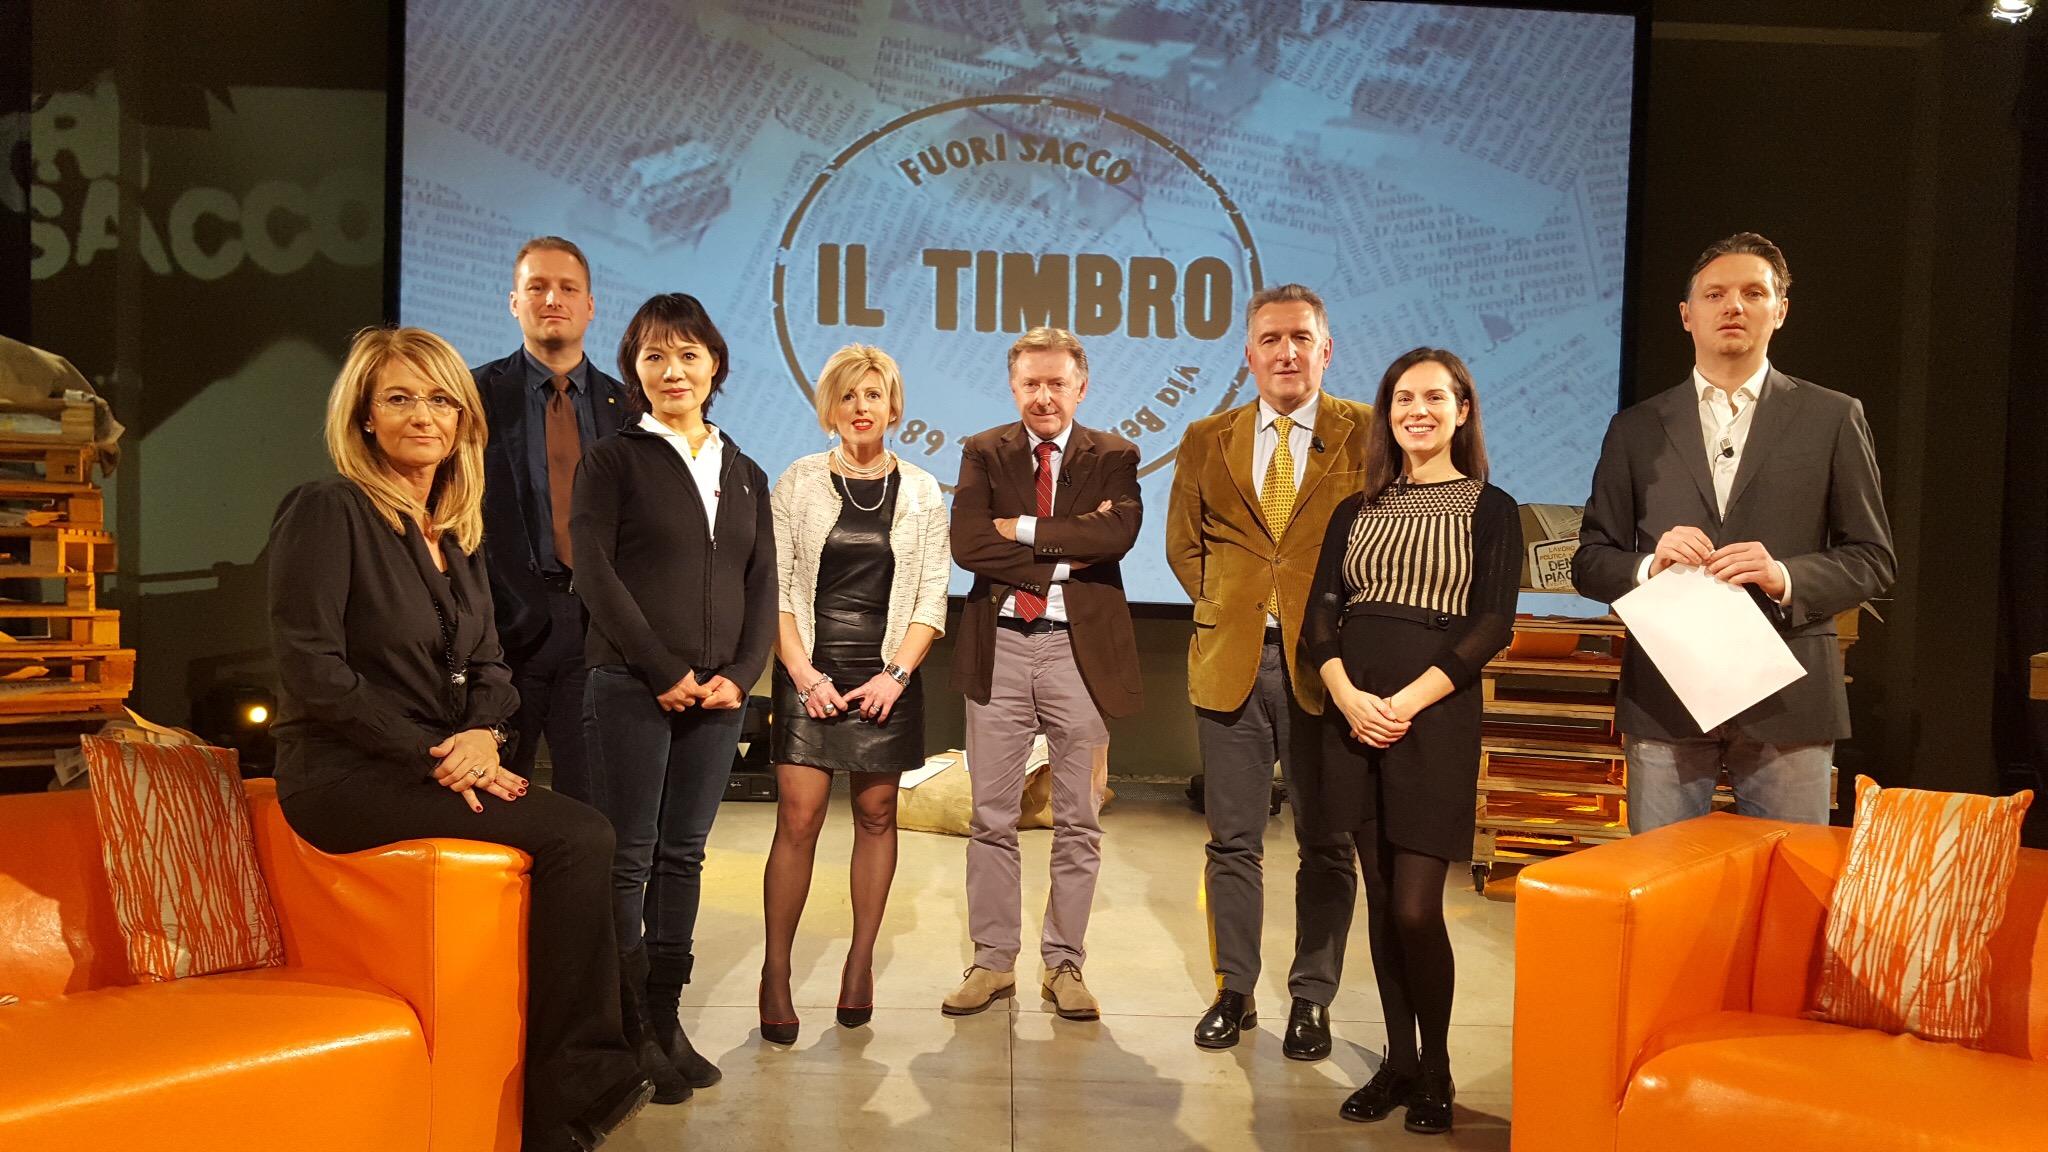 Cinesi a Piacenza, boom di locali: +162%. I dati presentati a Fuori Sacco